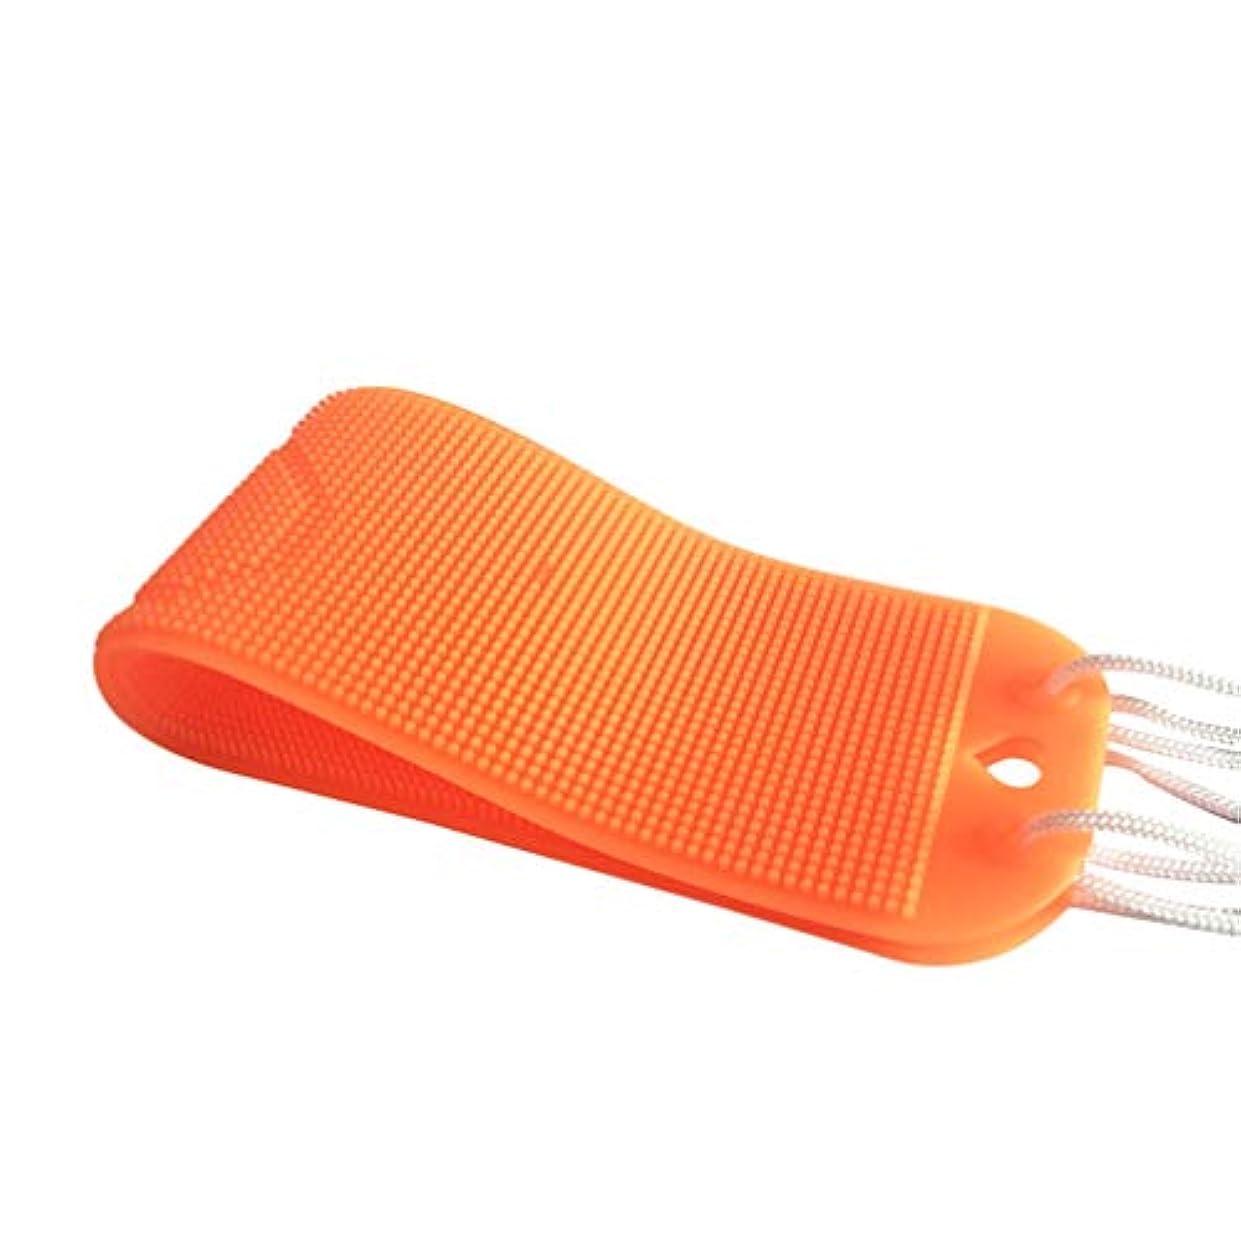 ペースト番目小さいHEALLILY バックスクラバー1個シリコンバスタオル角質除去ボディスクラバーシャワータオル、女性用男性用シャワー(オレンジ)